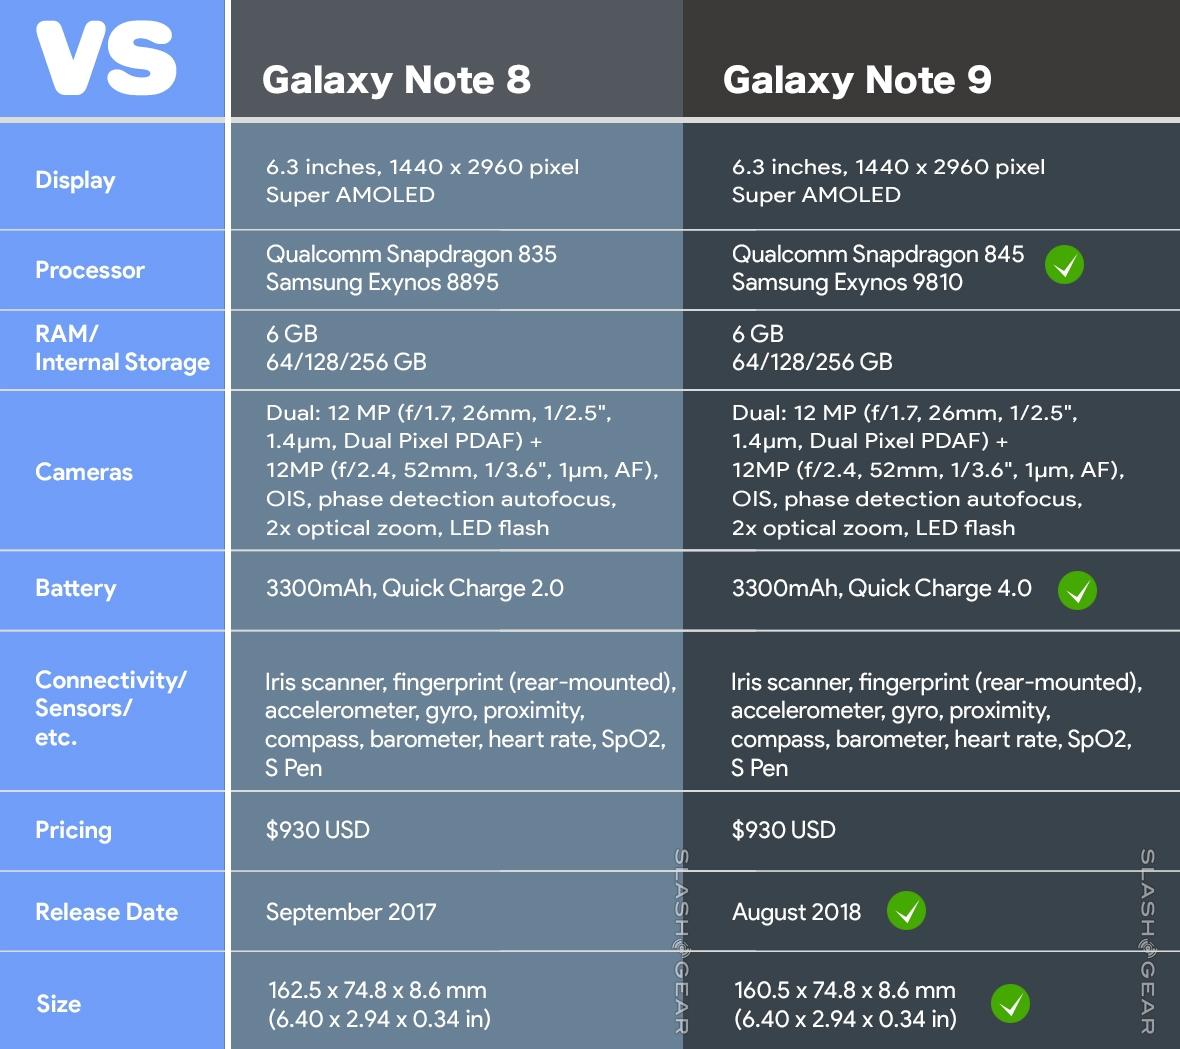 갤럭시노트9, 갤럭시노트9 성능, 갤럭시노트9 디자인, 갤럭시노트9 스펙, it, 리뷰, 스마트폰, 삼성 갤럭시노트9